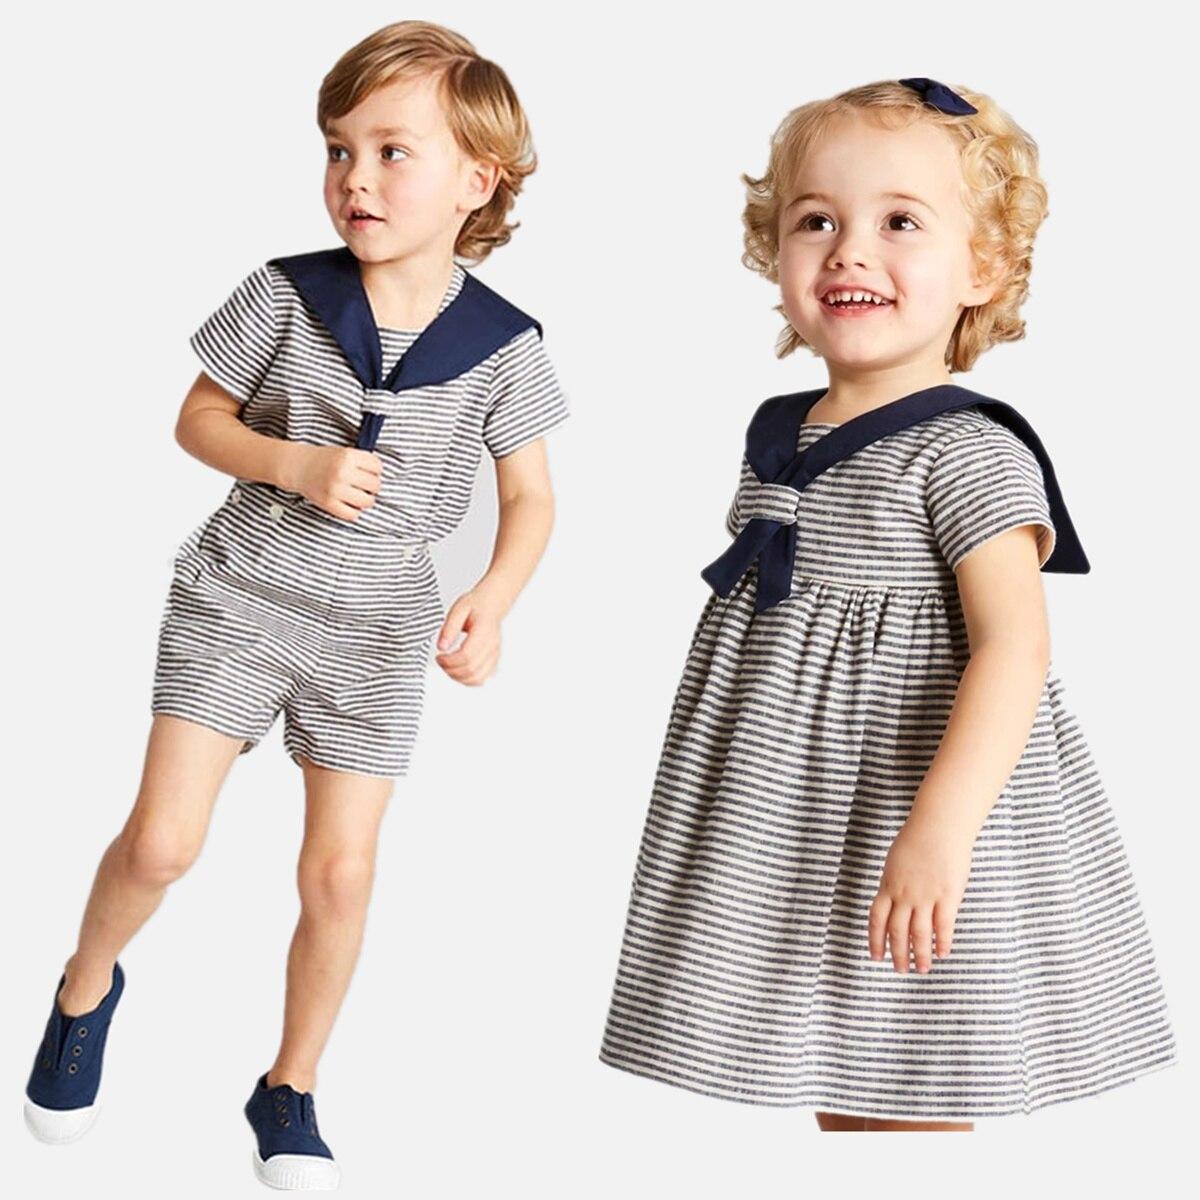 الاطفال الملابس الطويلة شقيق الطفل الأخت مطابقة الفتيان مخطط أعلى السراويل 2 قطعة فستان من القطن الفتيات ملابس أطفال الصيف